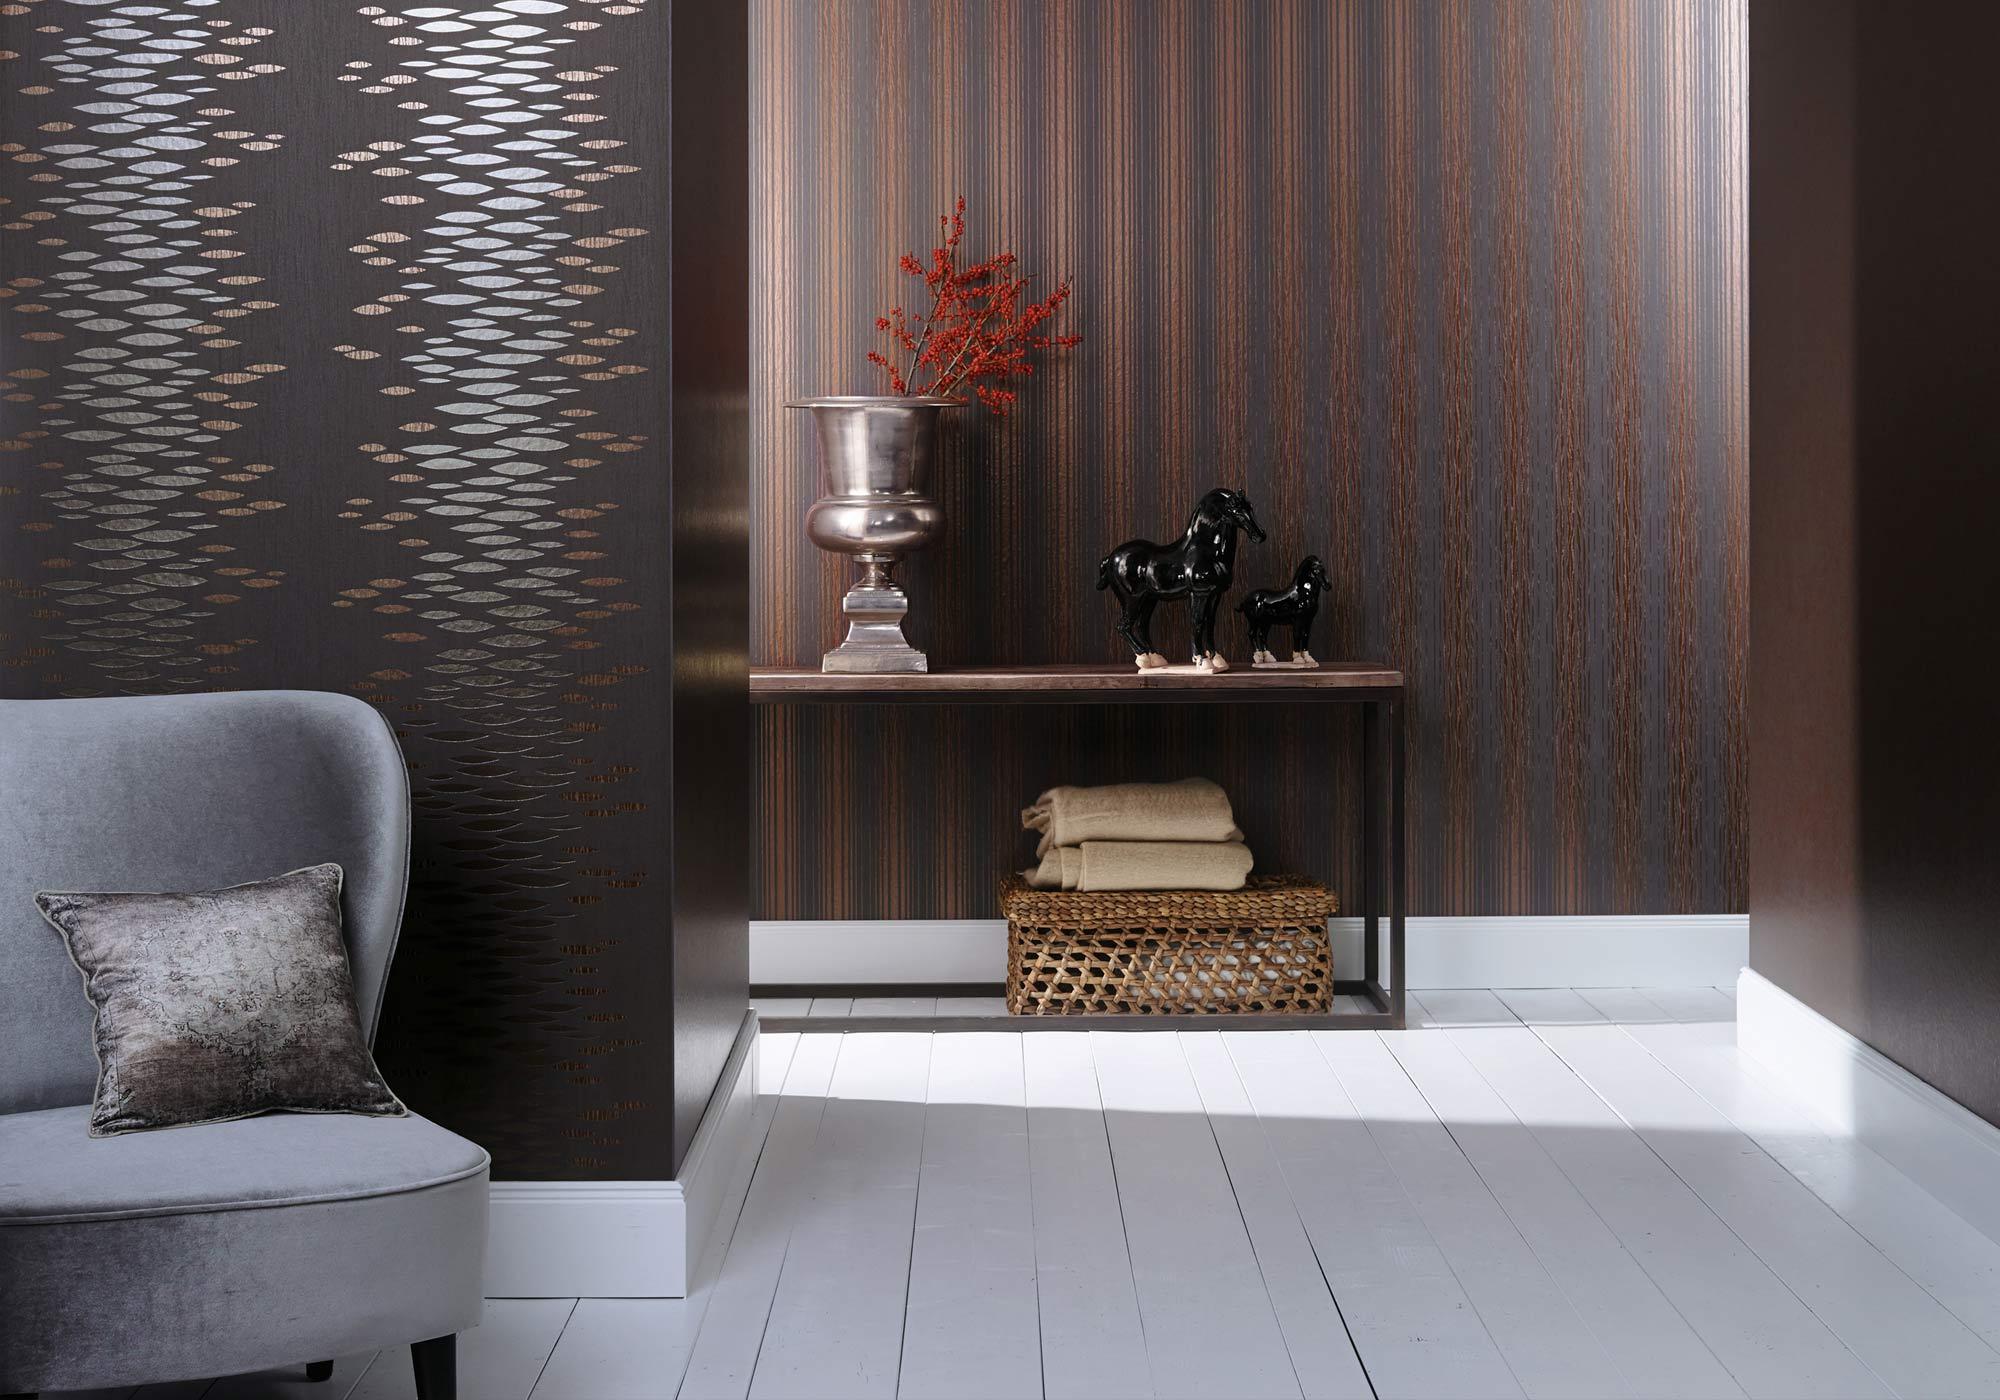 Full Size of Wohnzimmer Tapezieren Kosten Tapeten Wohnzimmer Orange Tapeten Wohnzimmer Eine Wand Wohnzimmer Tapezieren Oder Streichen Wohnzimmer Wohnzimmer Tapete